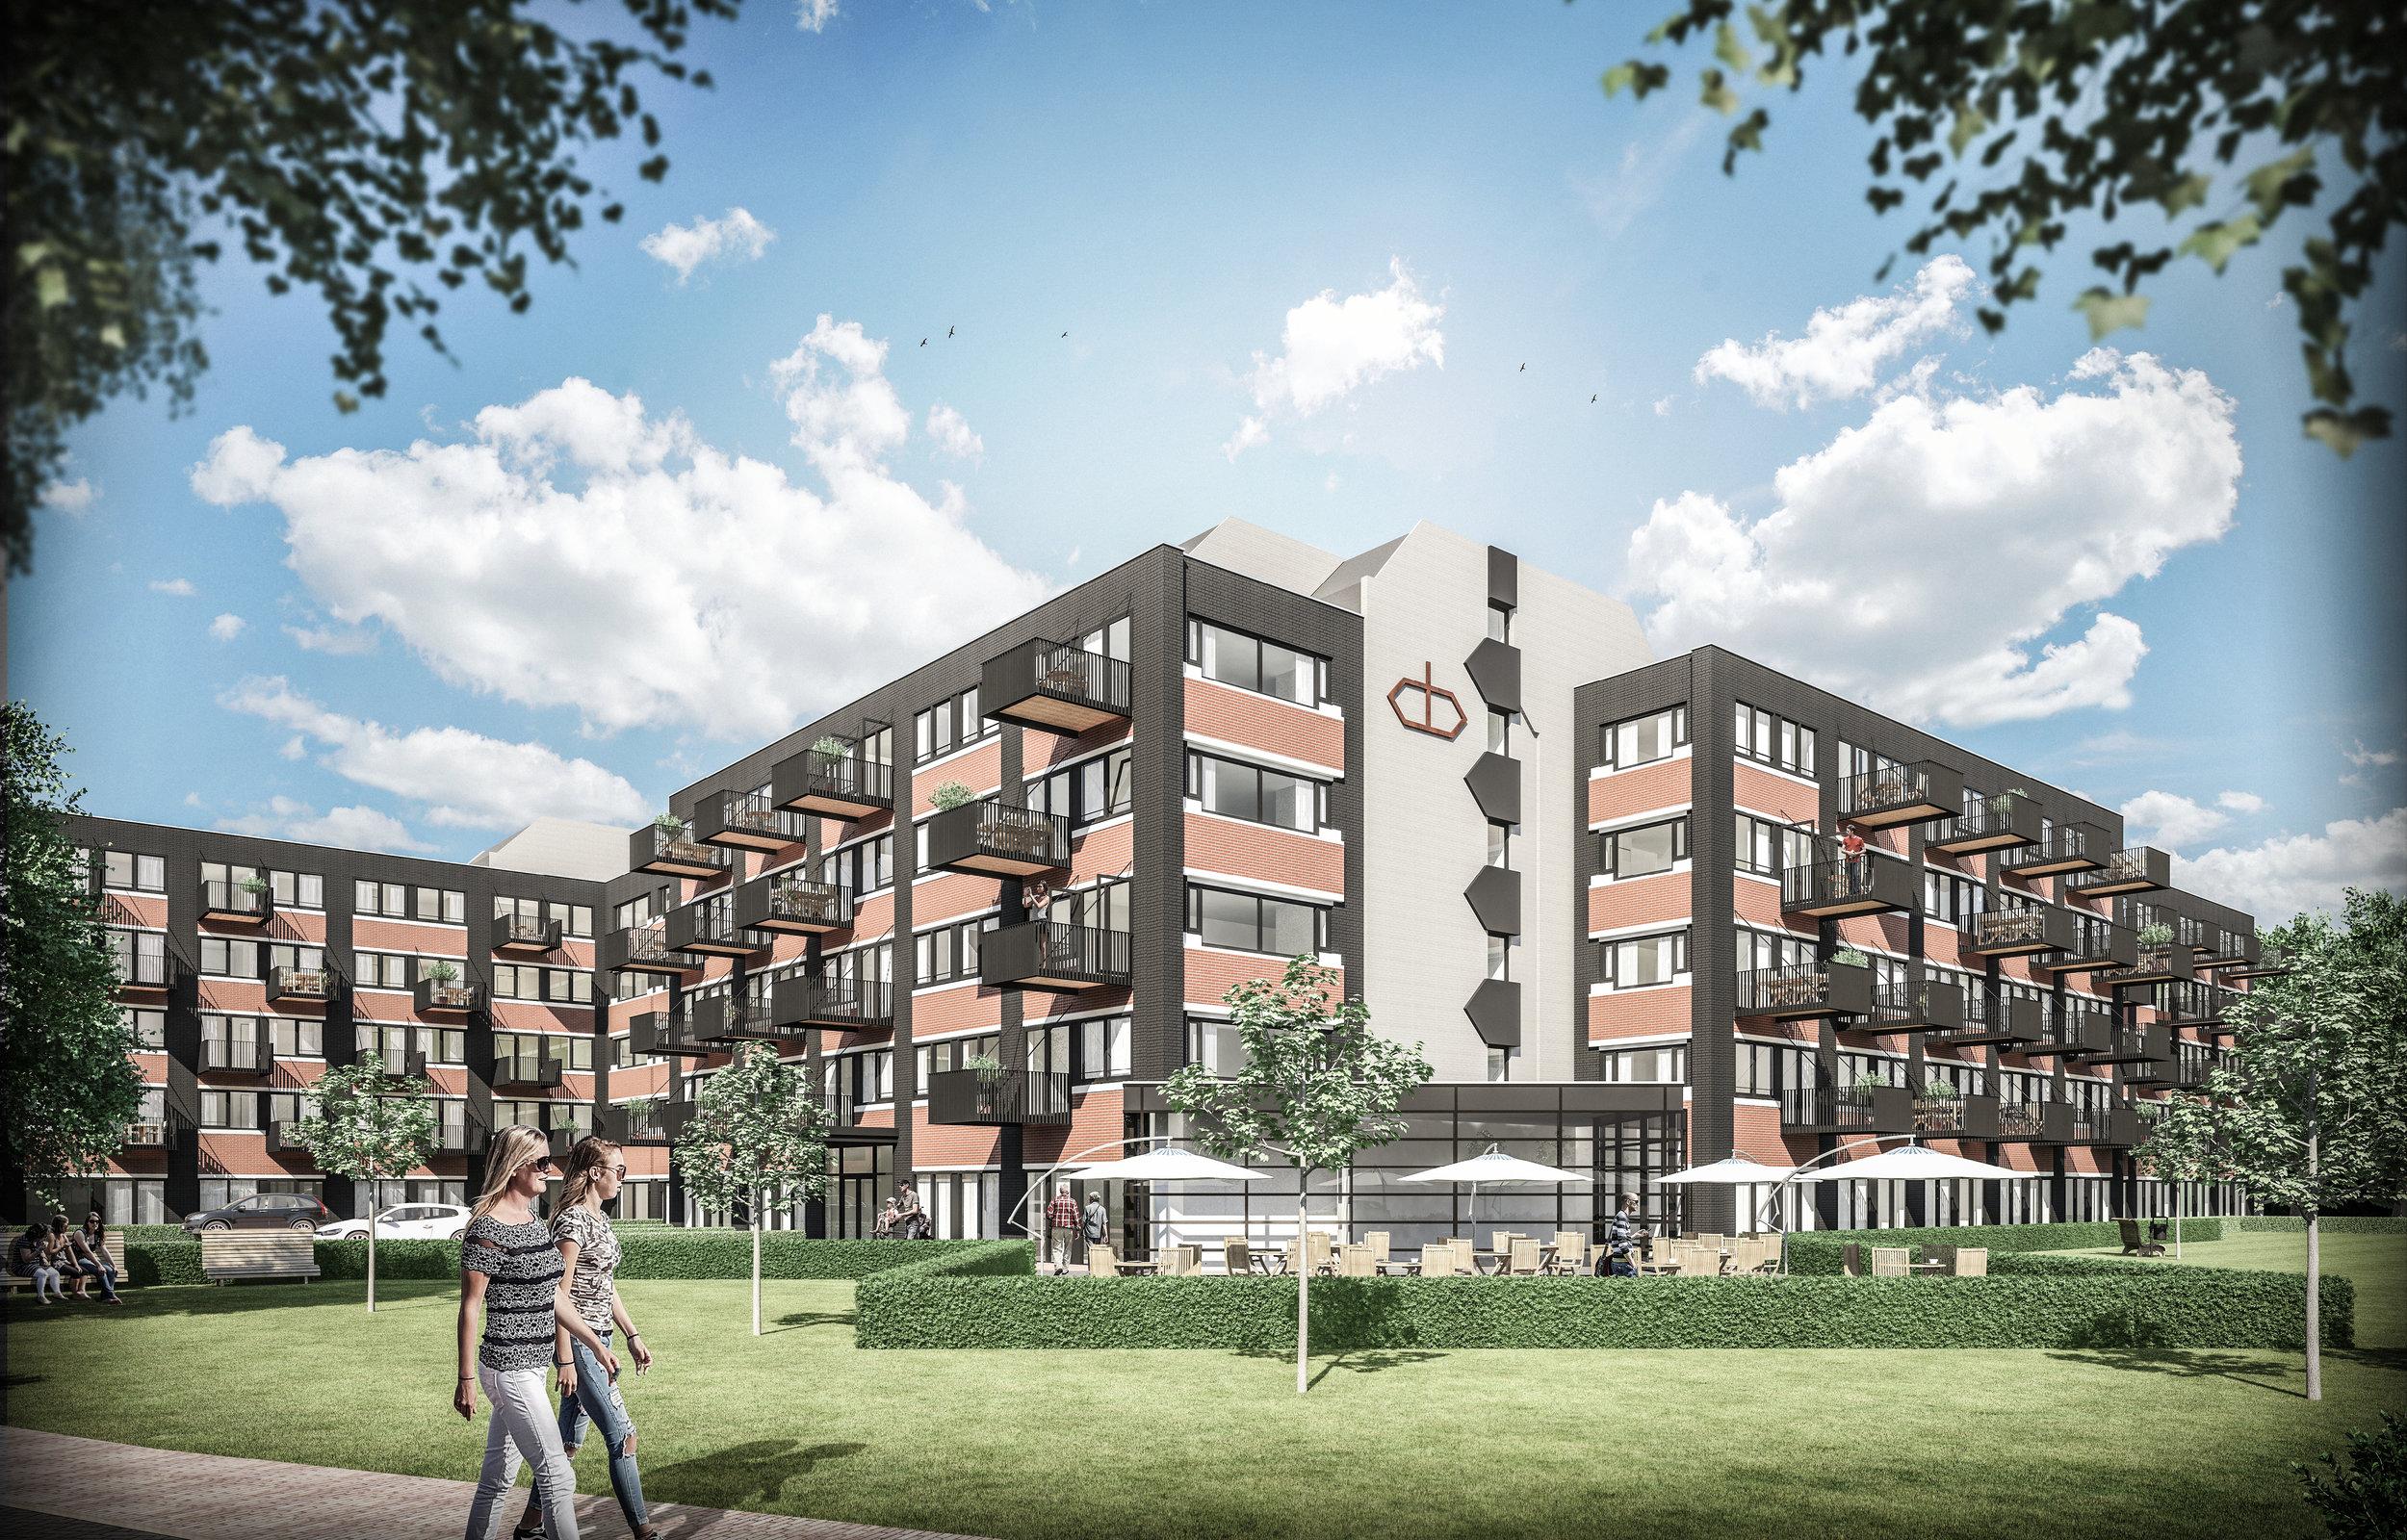 Impressie exterieur De Beeldhouwer fase 2 in Hoorn